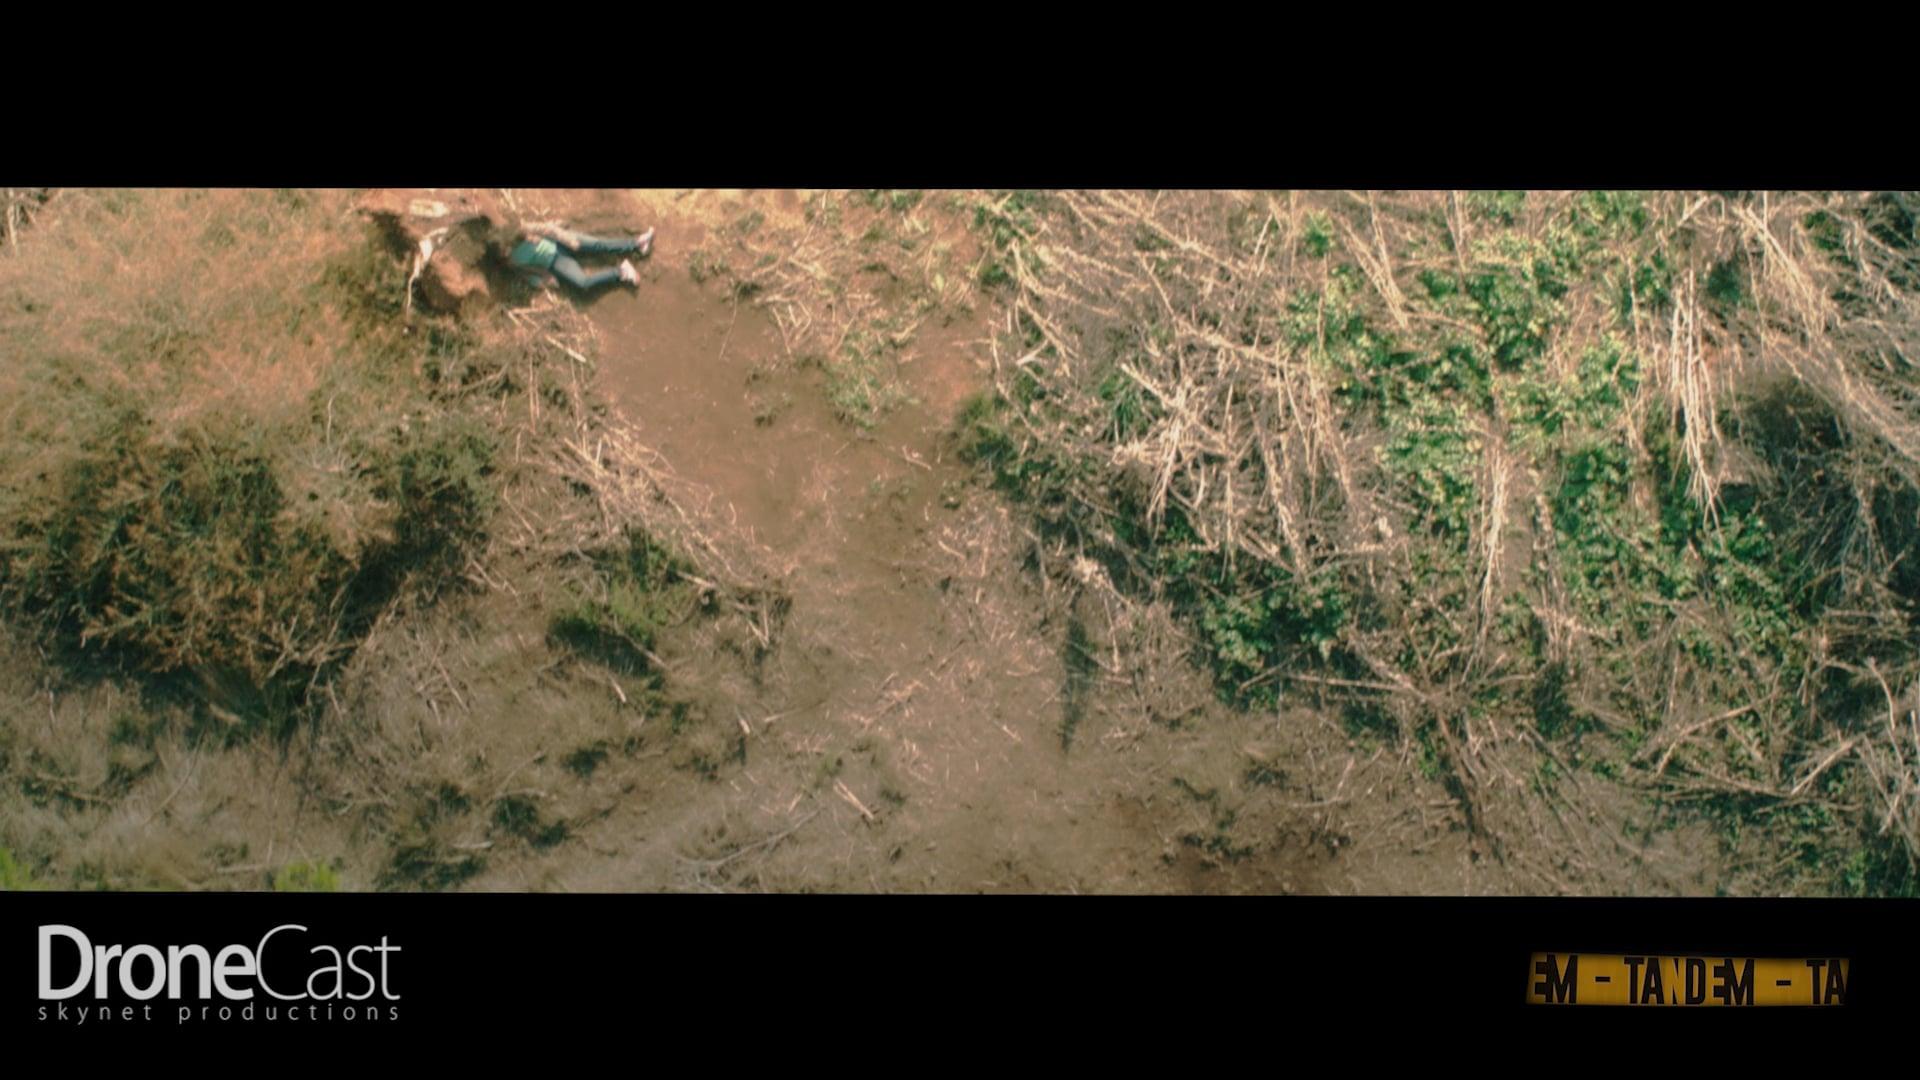 DroneCast - Plans sequences